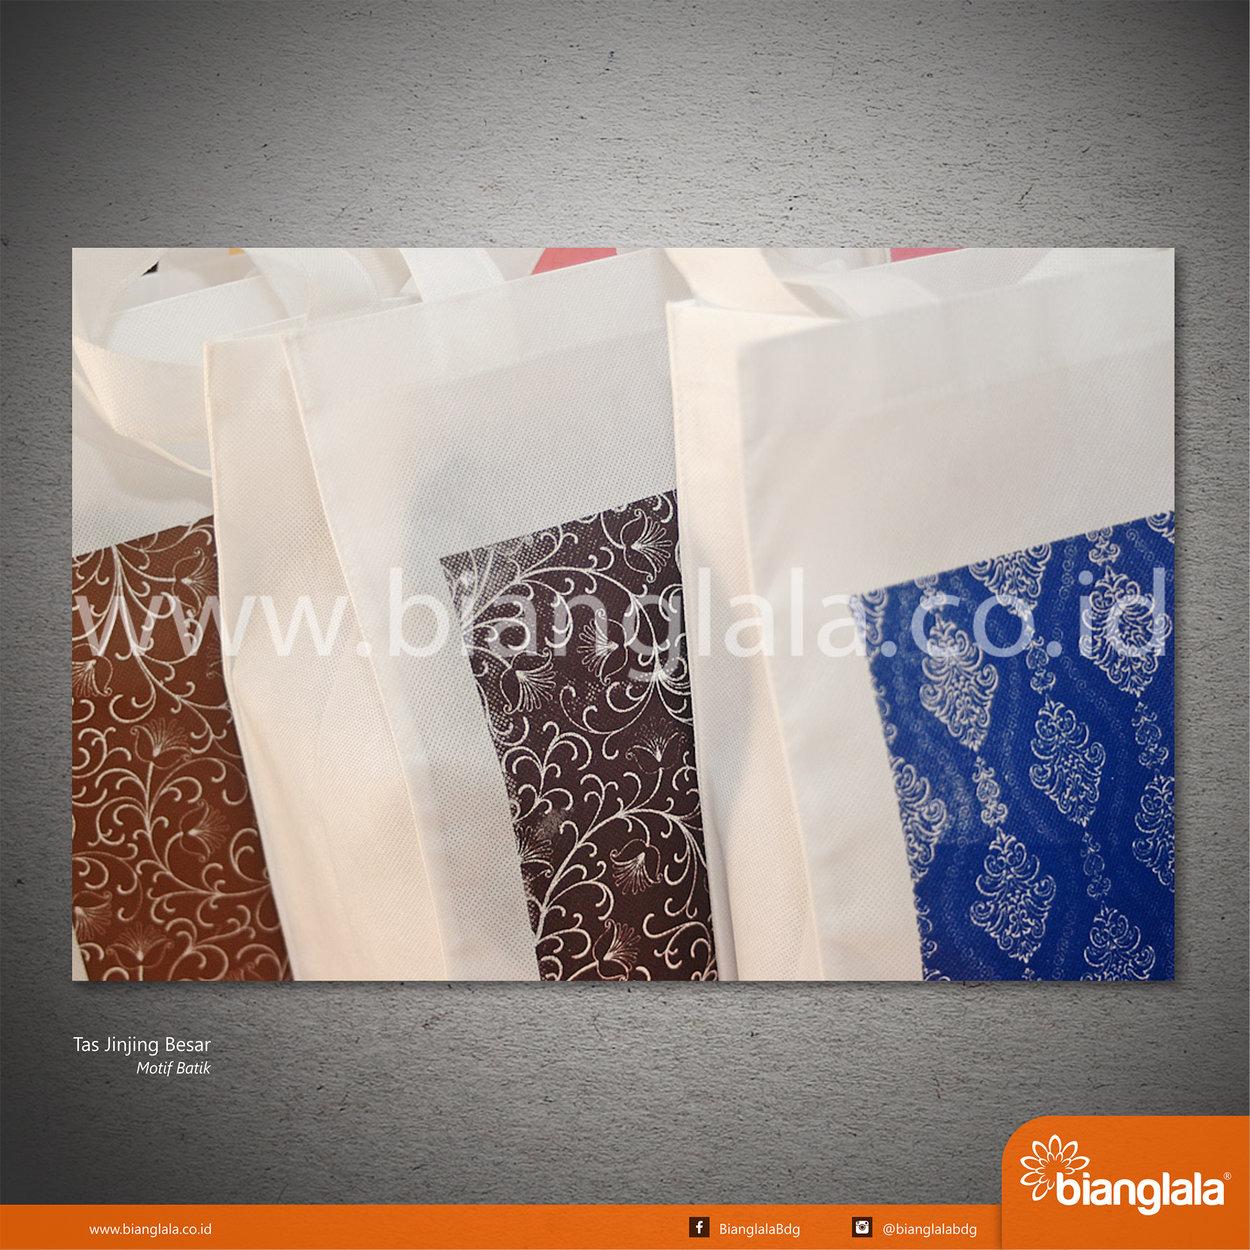 [17] Tas Jinjing Besar Motif Batik